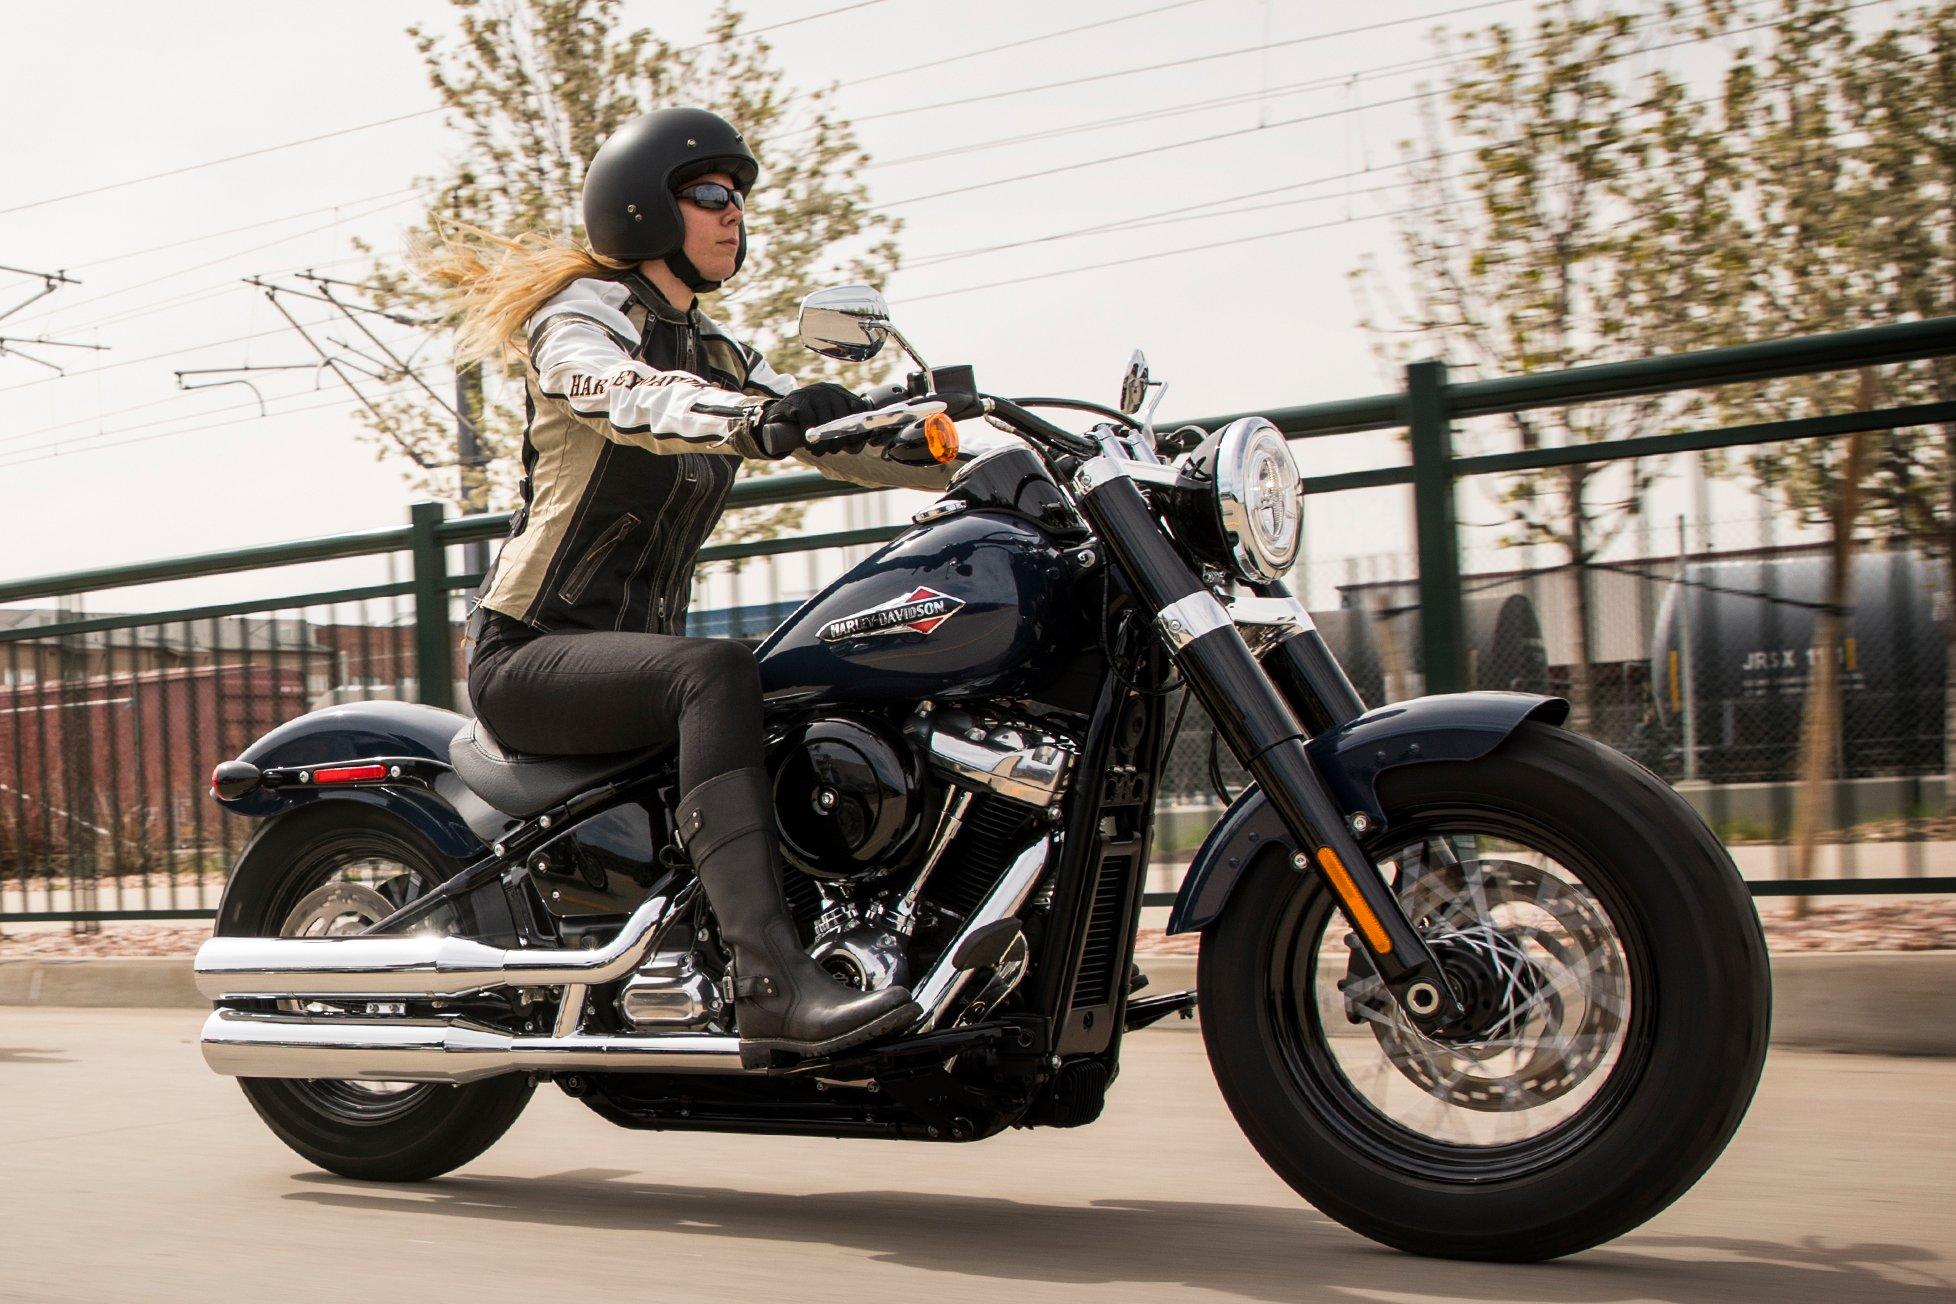 Harley-Davidson USA